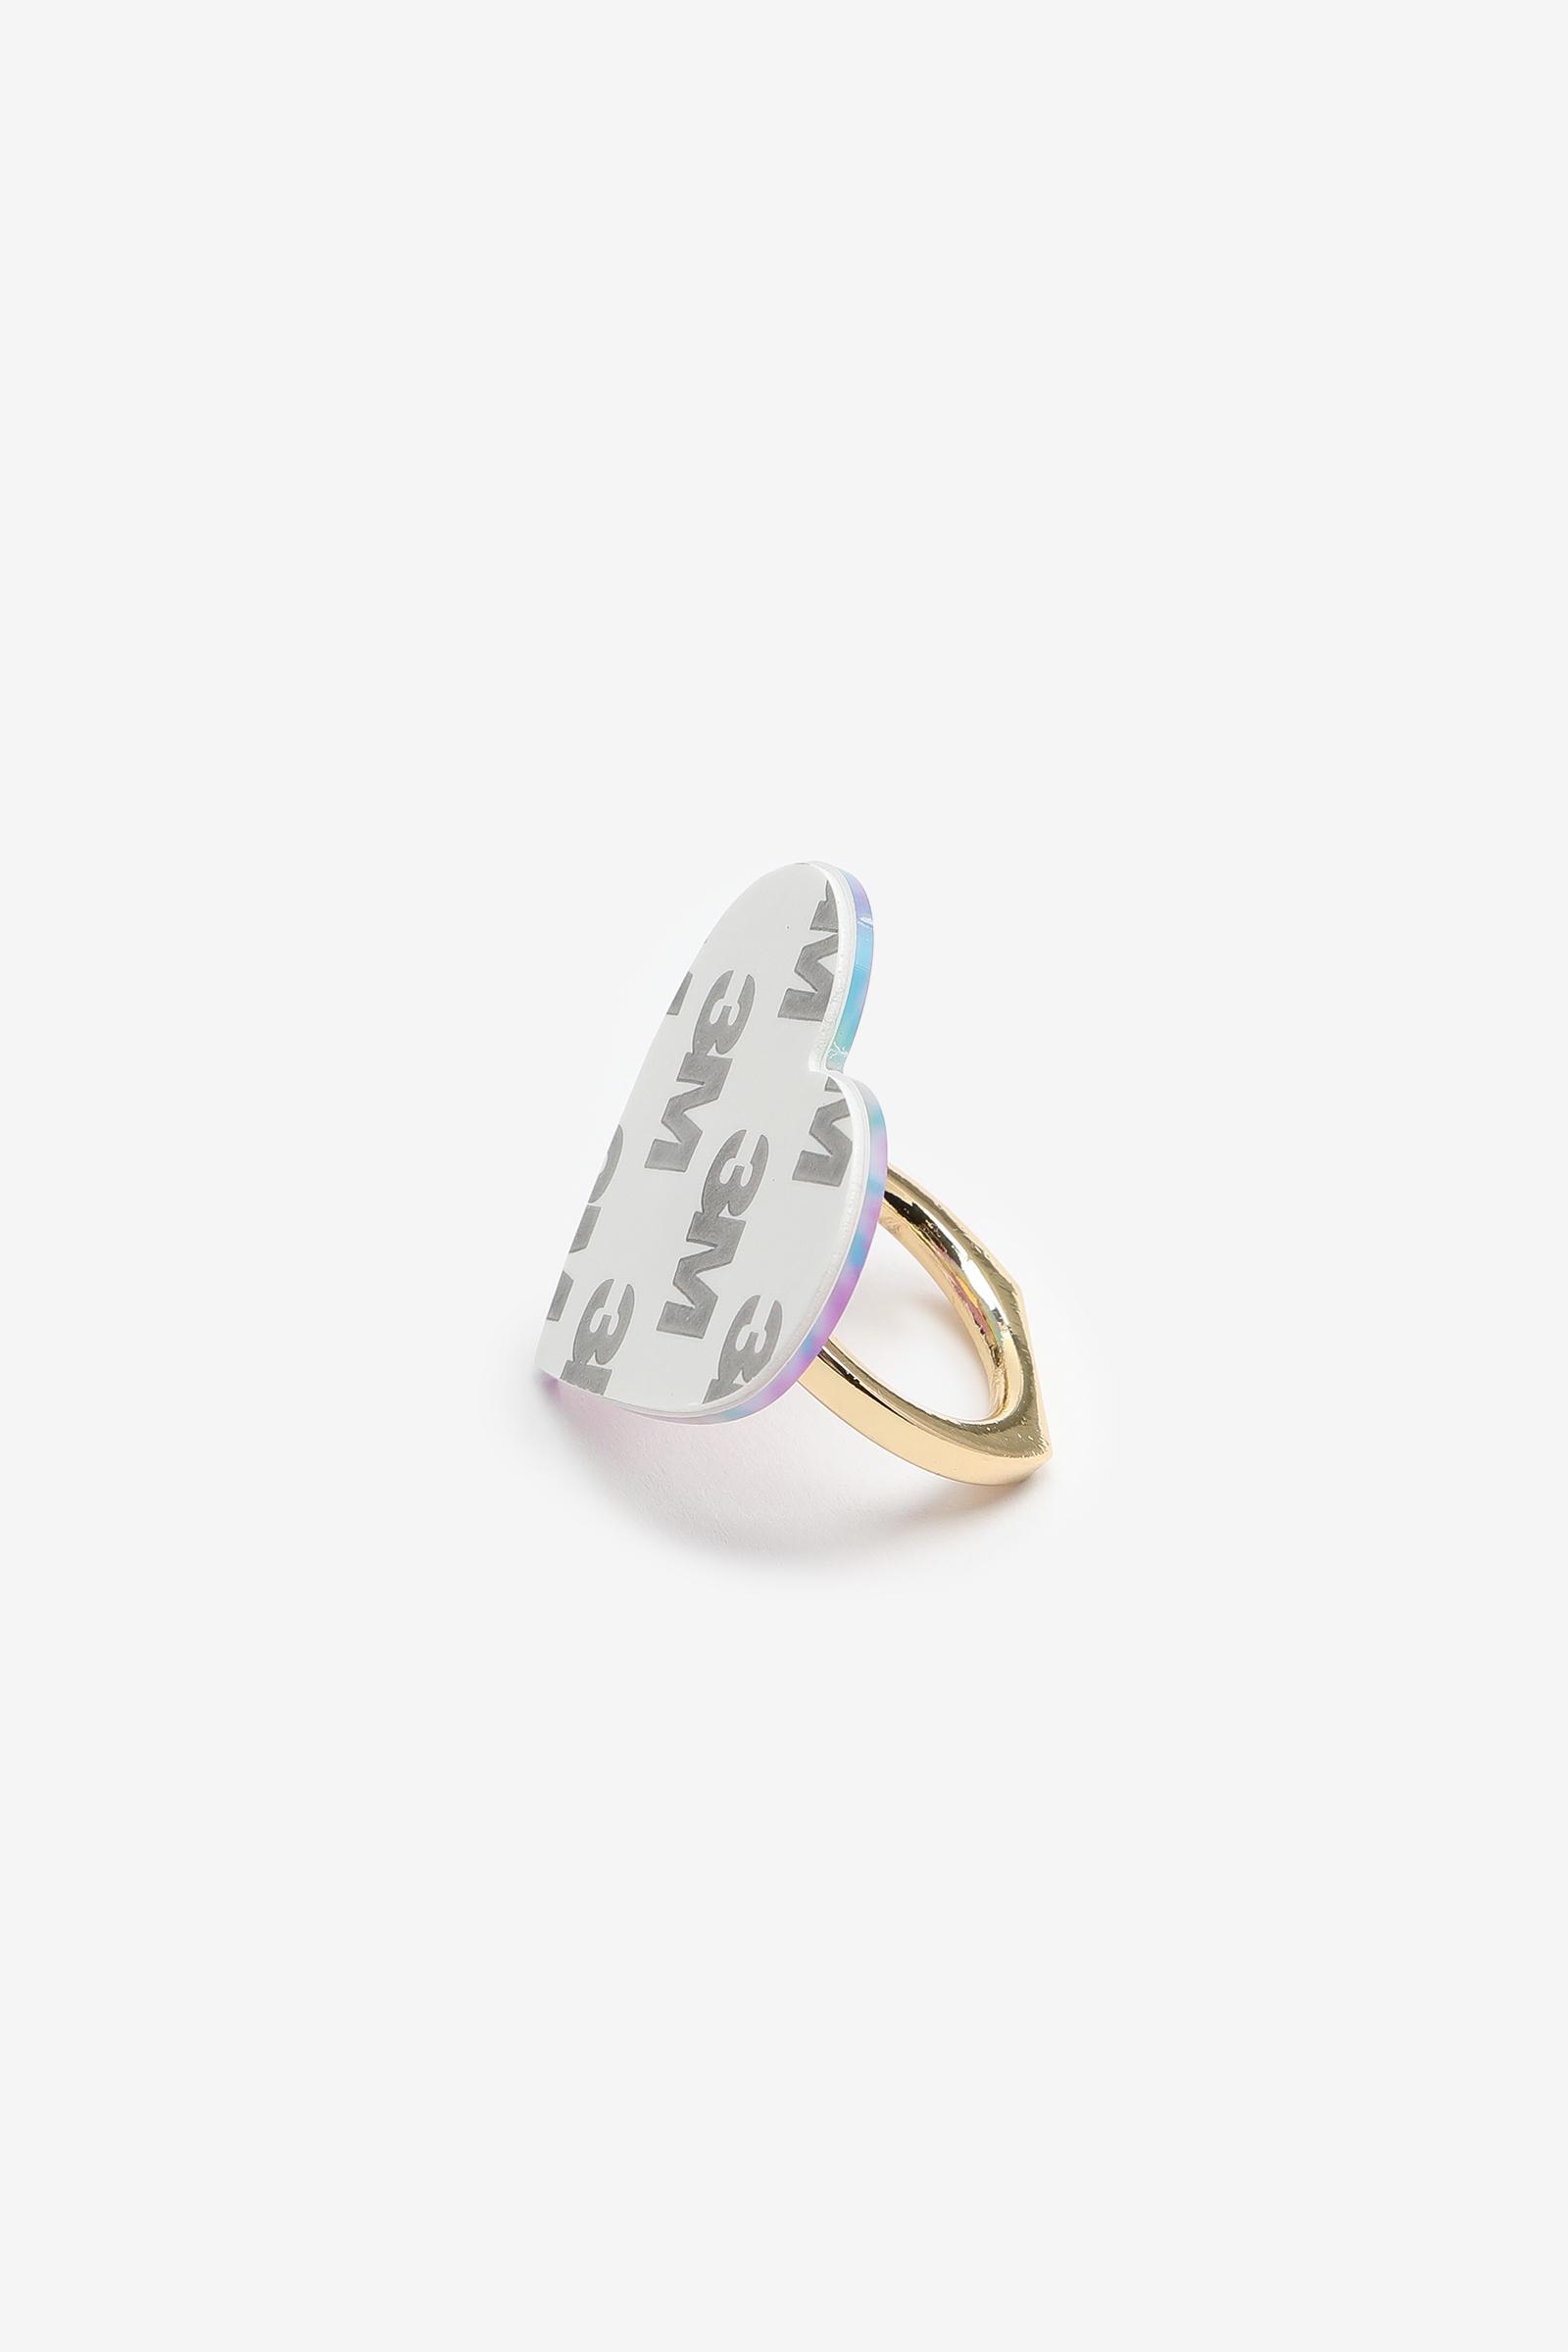 Tie-Dye Heart Phone Ring Grip